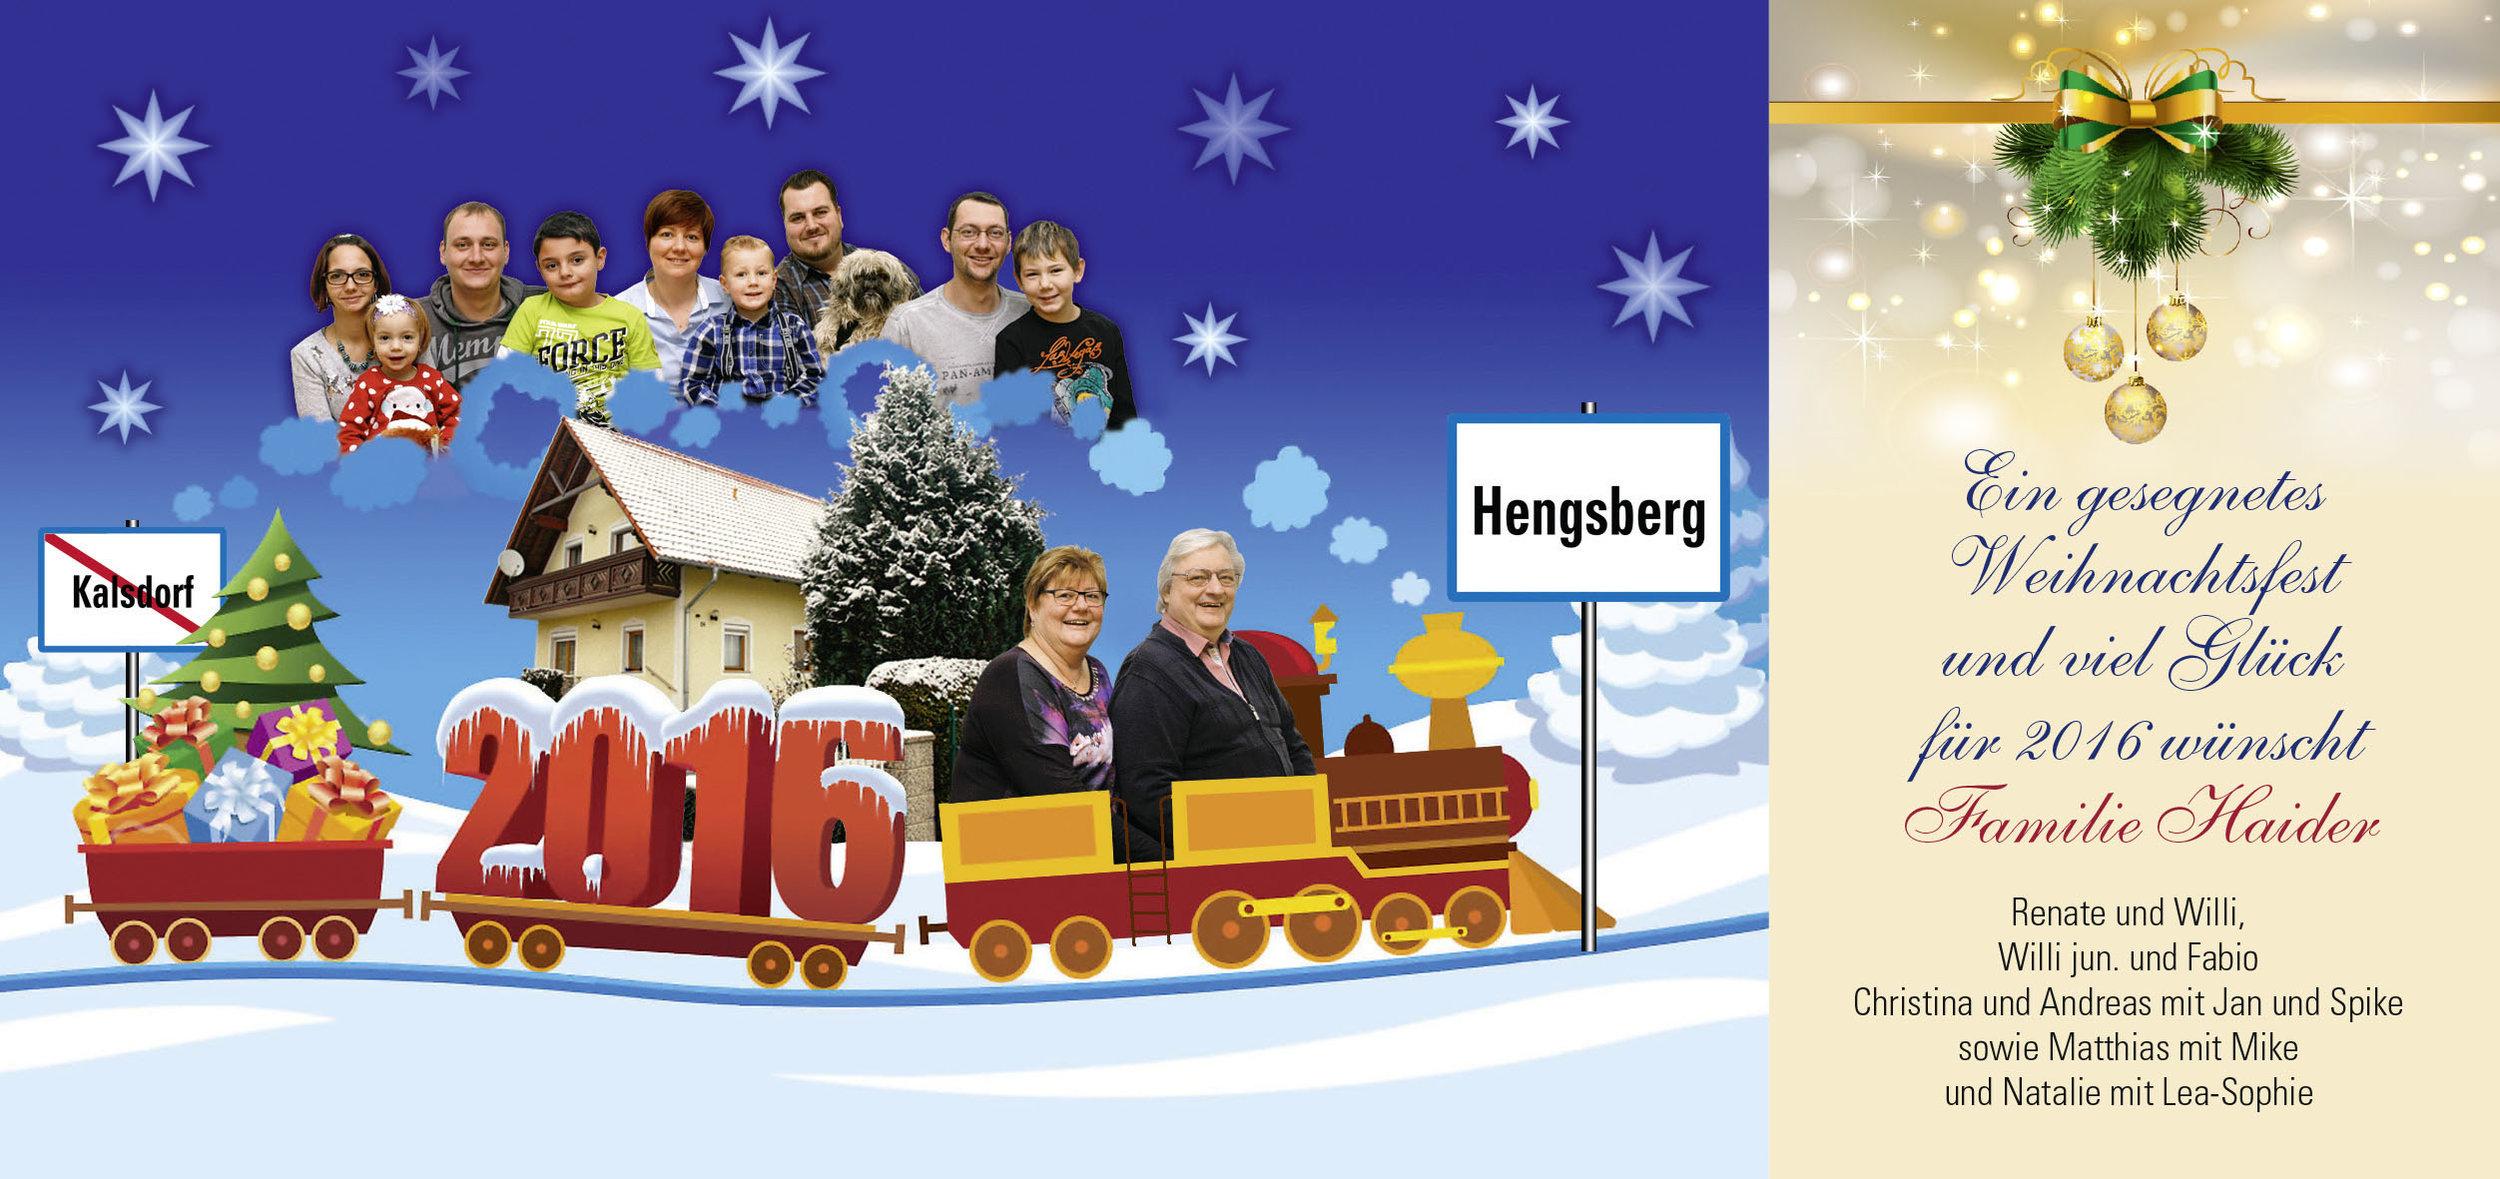 Weihnachtskarte_2015.jpg